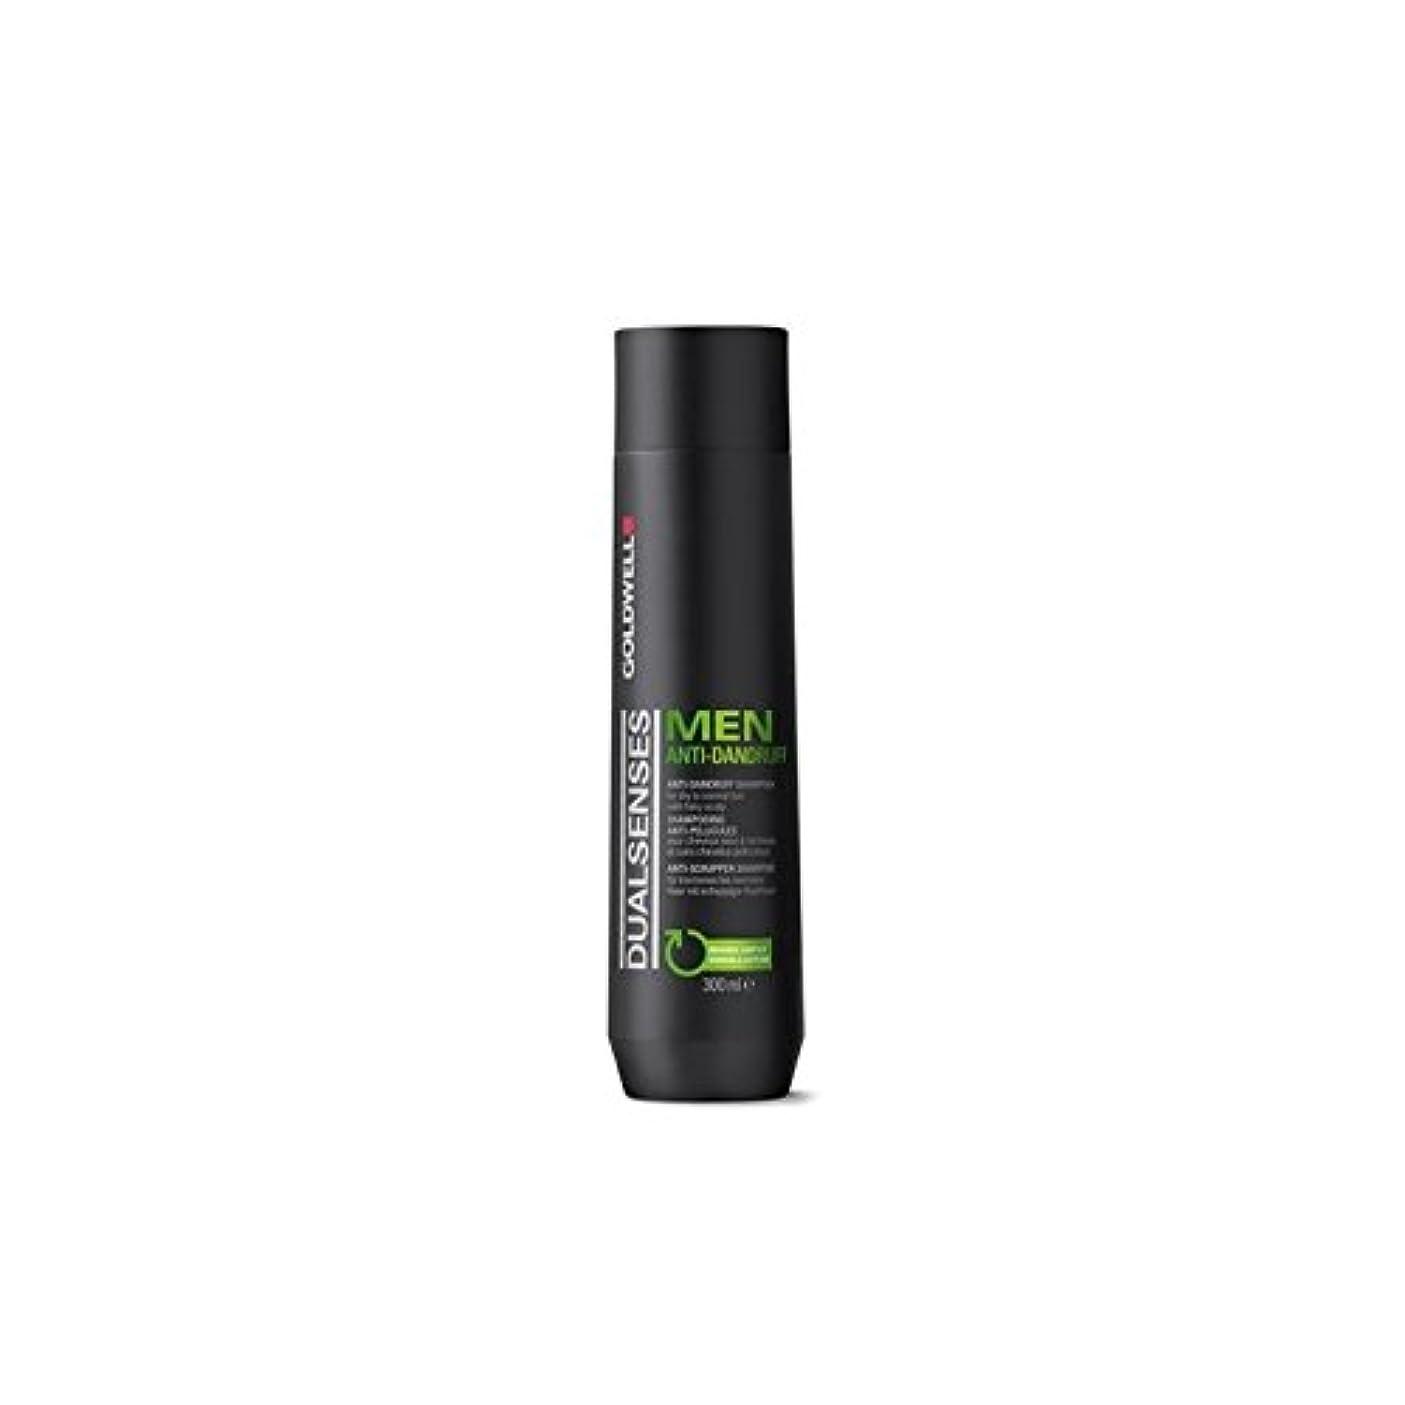 考古学寄稿者実質的Goldwell Dualsenses For Men Anti-Dandruff Shampoo (300ml) (Pack of 6) - フケ防止シャンプー(300ミリリットル)男性のためのの x6 [並行輸入品]